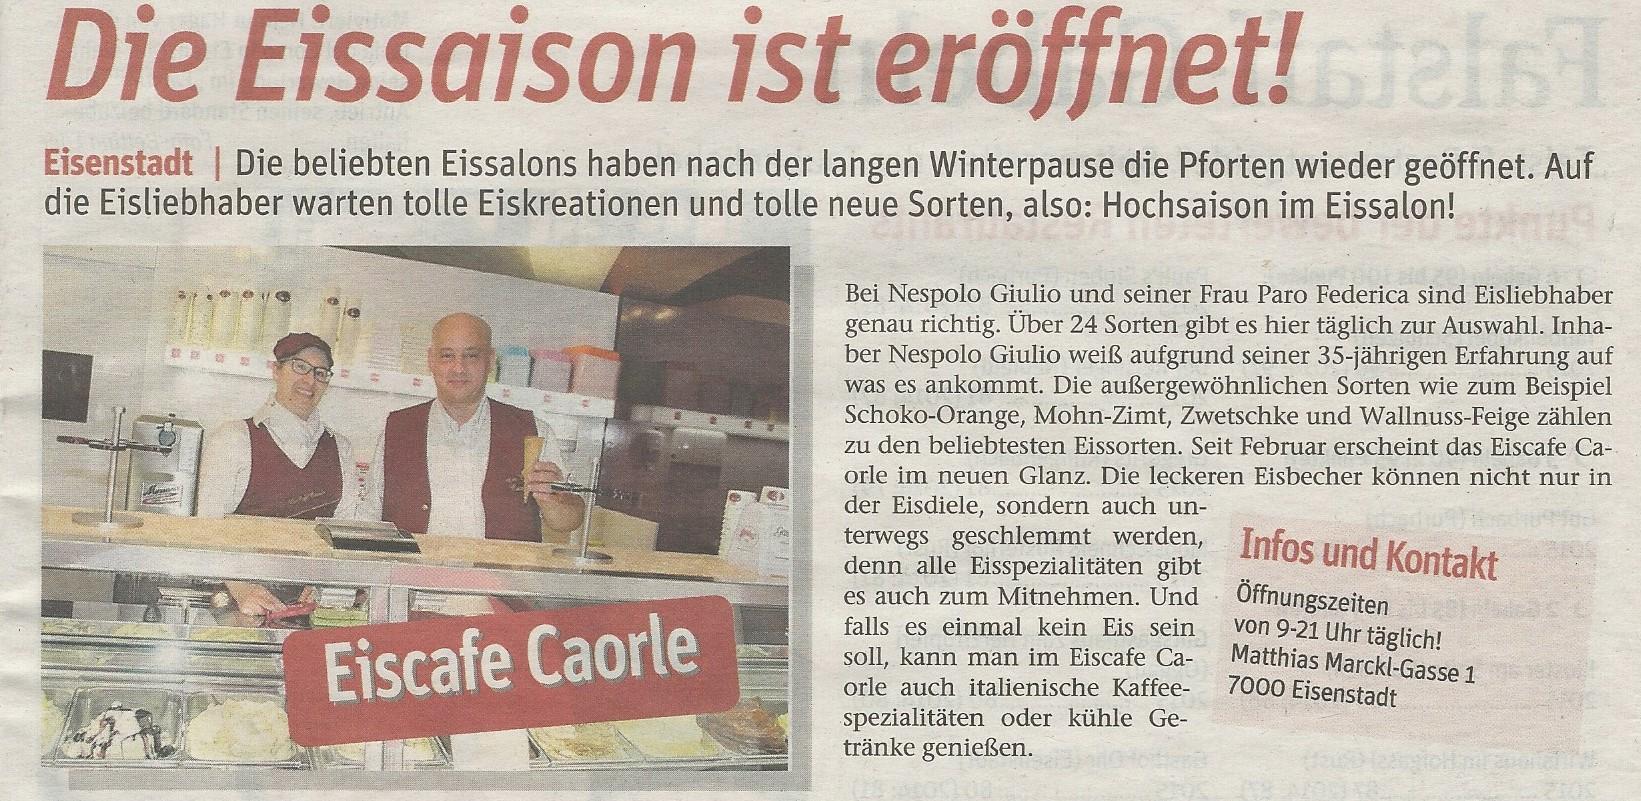 Eiscafe-Austria-Gelato-Ice-cream-Austria